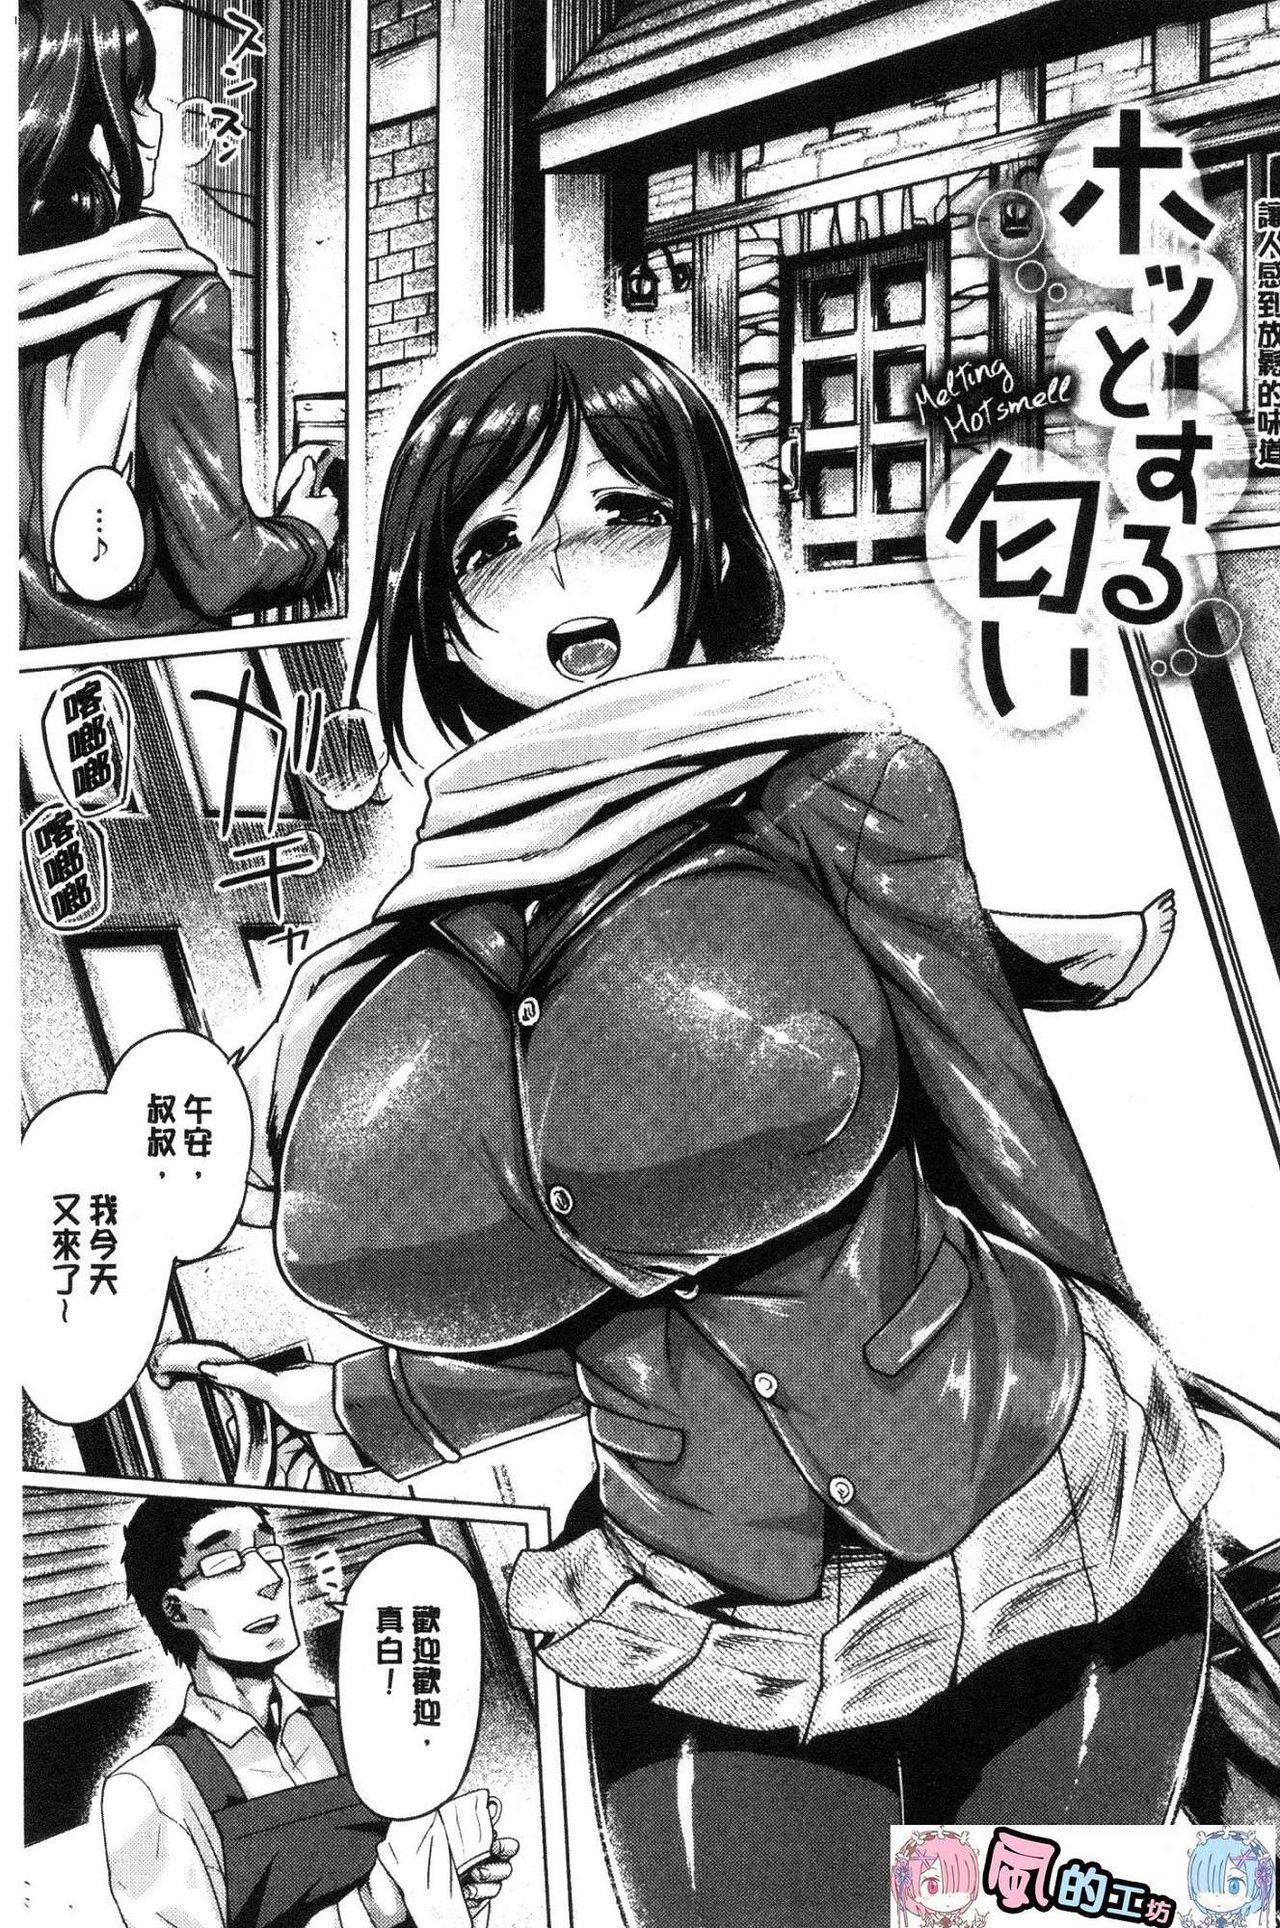 Chichi Shiri Futomomo 159